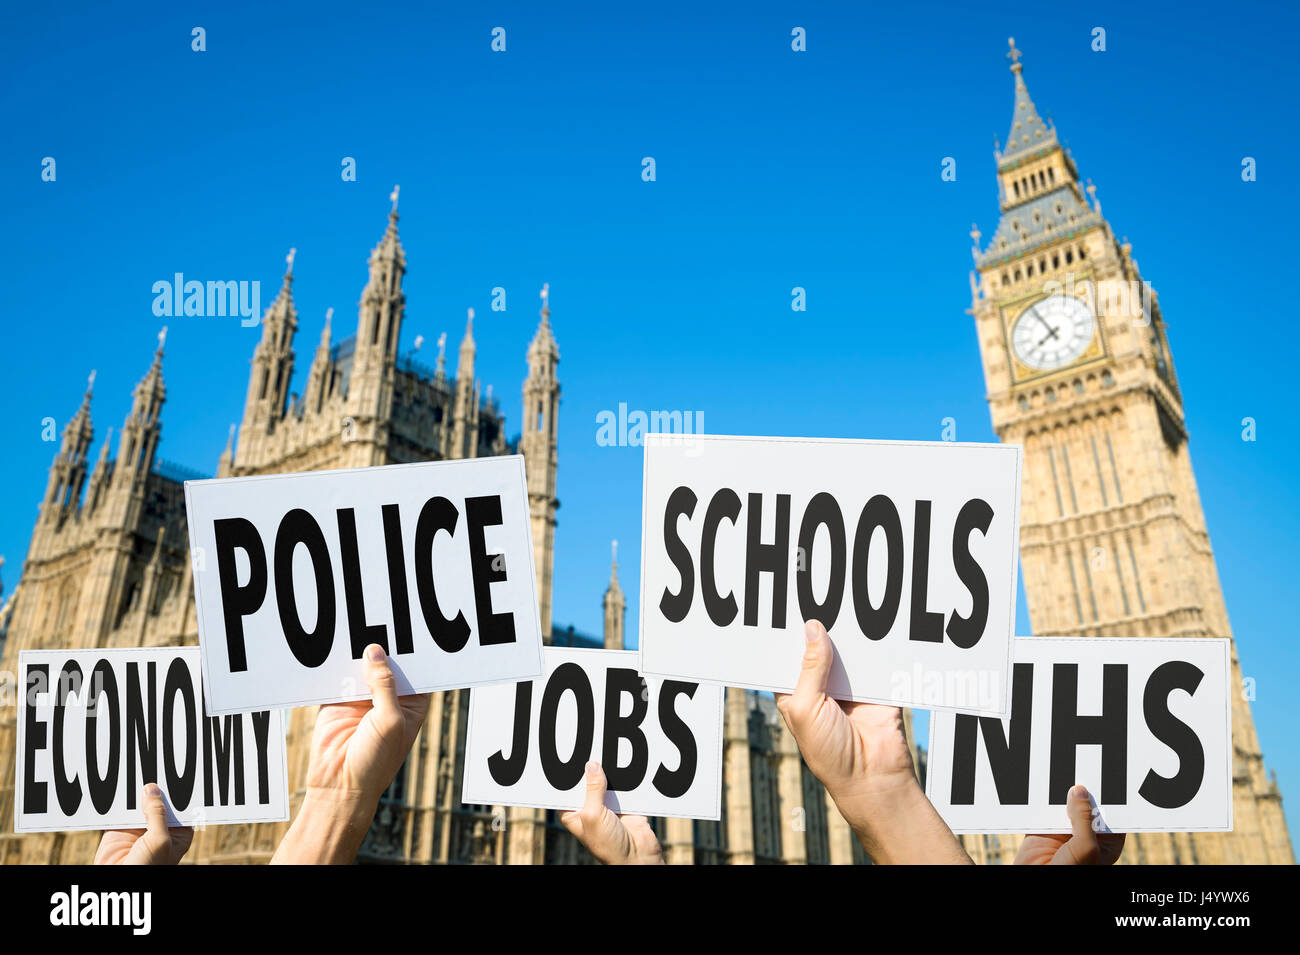 Mani con segni elezione questioni come l'economia, la polizia, i lavori, le scuole e il NHS fuori casa del Parlamento Immagini Stock